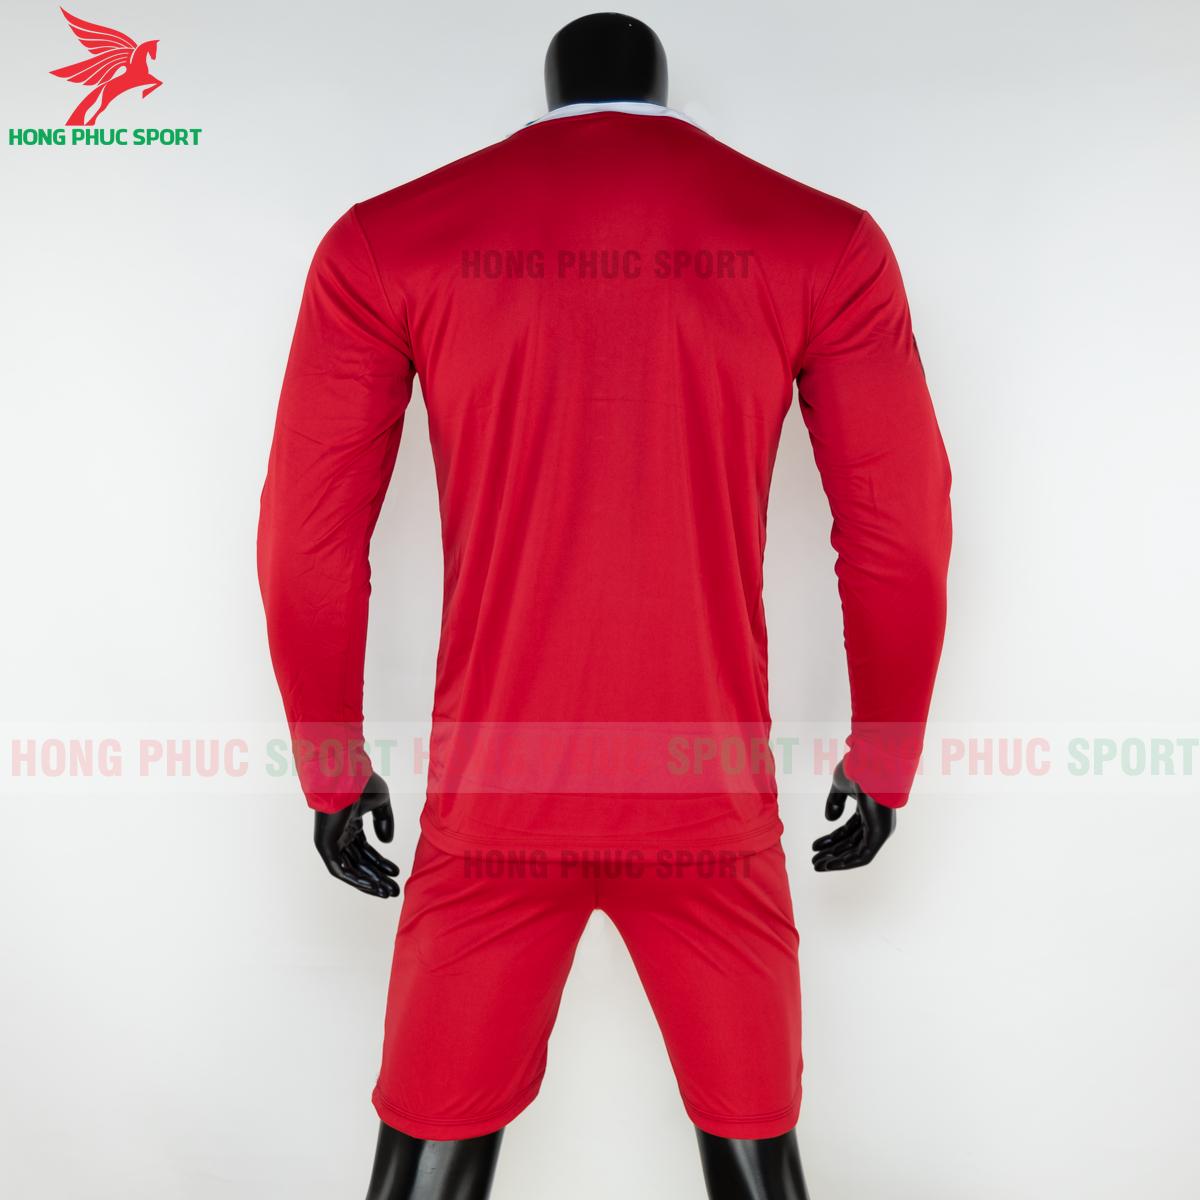 https://cdn.hongphucsport.com/unsafe/s4.shopbay.vn/files/285/ao-dai-tay-liverpool-2020-san-nha-8-5f8fbf972d931.png